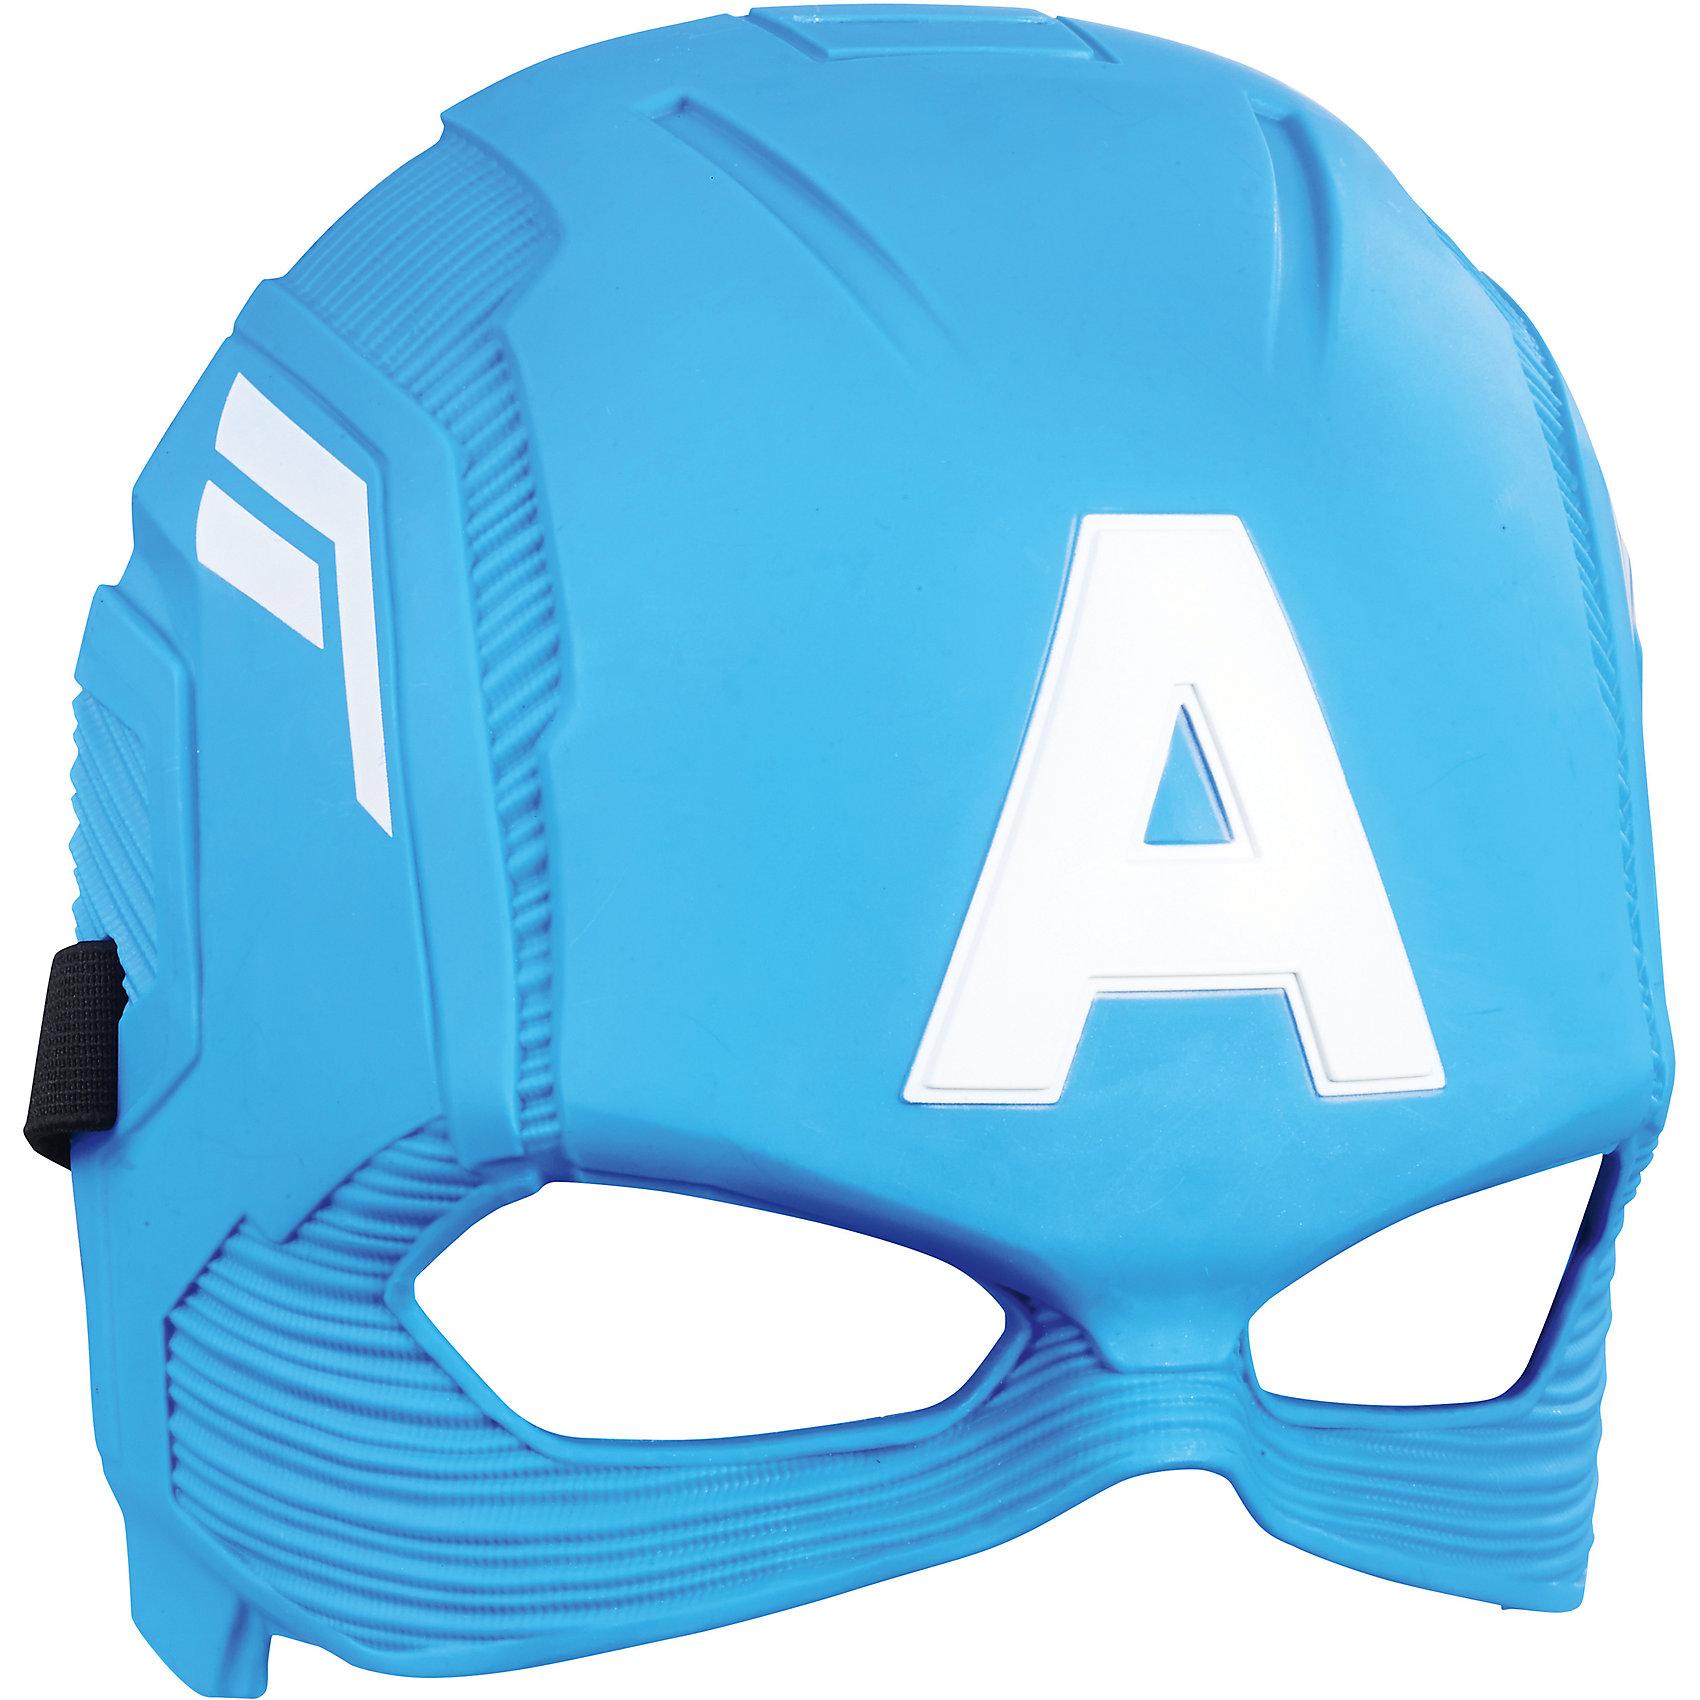 Маска Мстители Капитан Америка, HasbroИдеи подарков<br>Характеристики:<br><br>• возраст: от 5 лет<br>• материал: пластик<br>• размер упаковки:290х119х10 мм.<br>• вес: 140 гр.<br><br>Маска сверхчеловека Капитана Америка от Hasbro (Хасбро) поможет ребенку представить себя супергероем, которой спасает мир от злодеев и погрузиться с друзьями в увлекательный игровой процесс. Маска выполнена очень реалистично, все детали тщательно проработаны. Она надежно закрепляется на голове ребенка с помощью эластичной резинки. Изделие изготовлено из качественного пластика и наверняка понравится поклонникам этого героя.<br><br>Маску Мстителя, B9945/C0480, Мстители, Hasbro (Хасбро) можно купить в нашем интернет-магазине.<br><br>Ширина мм: 290<br>Глубина мм: 119<br>Высота мм: 10<br>Вес г: 140<br>Возраст от месяцев: 60<br>Возраст до месяцев: 2147483647<br>Пол: Мужской<br>Возраст: Детский<br>SKU: 6711760